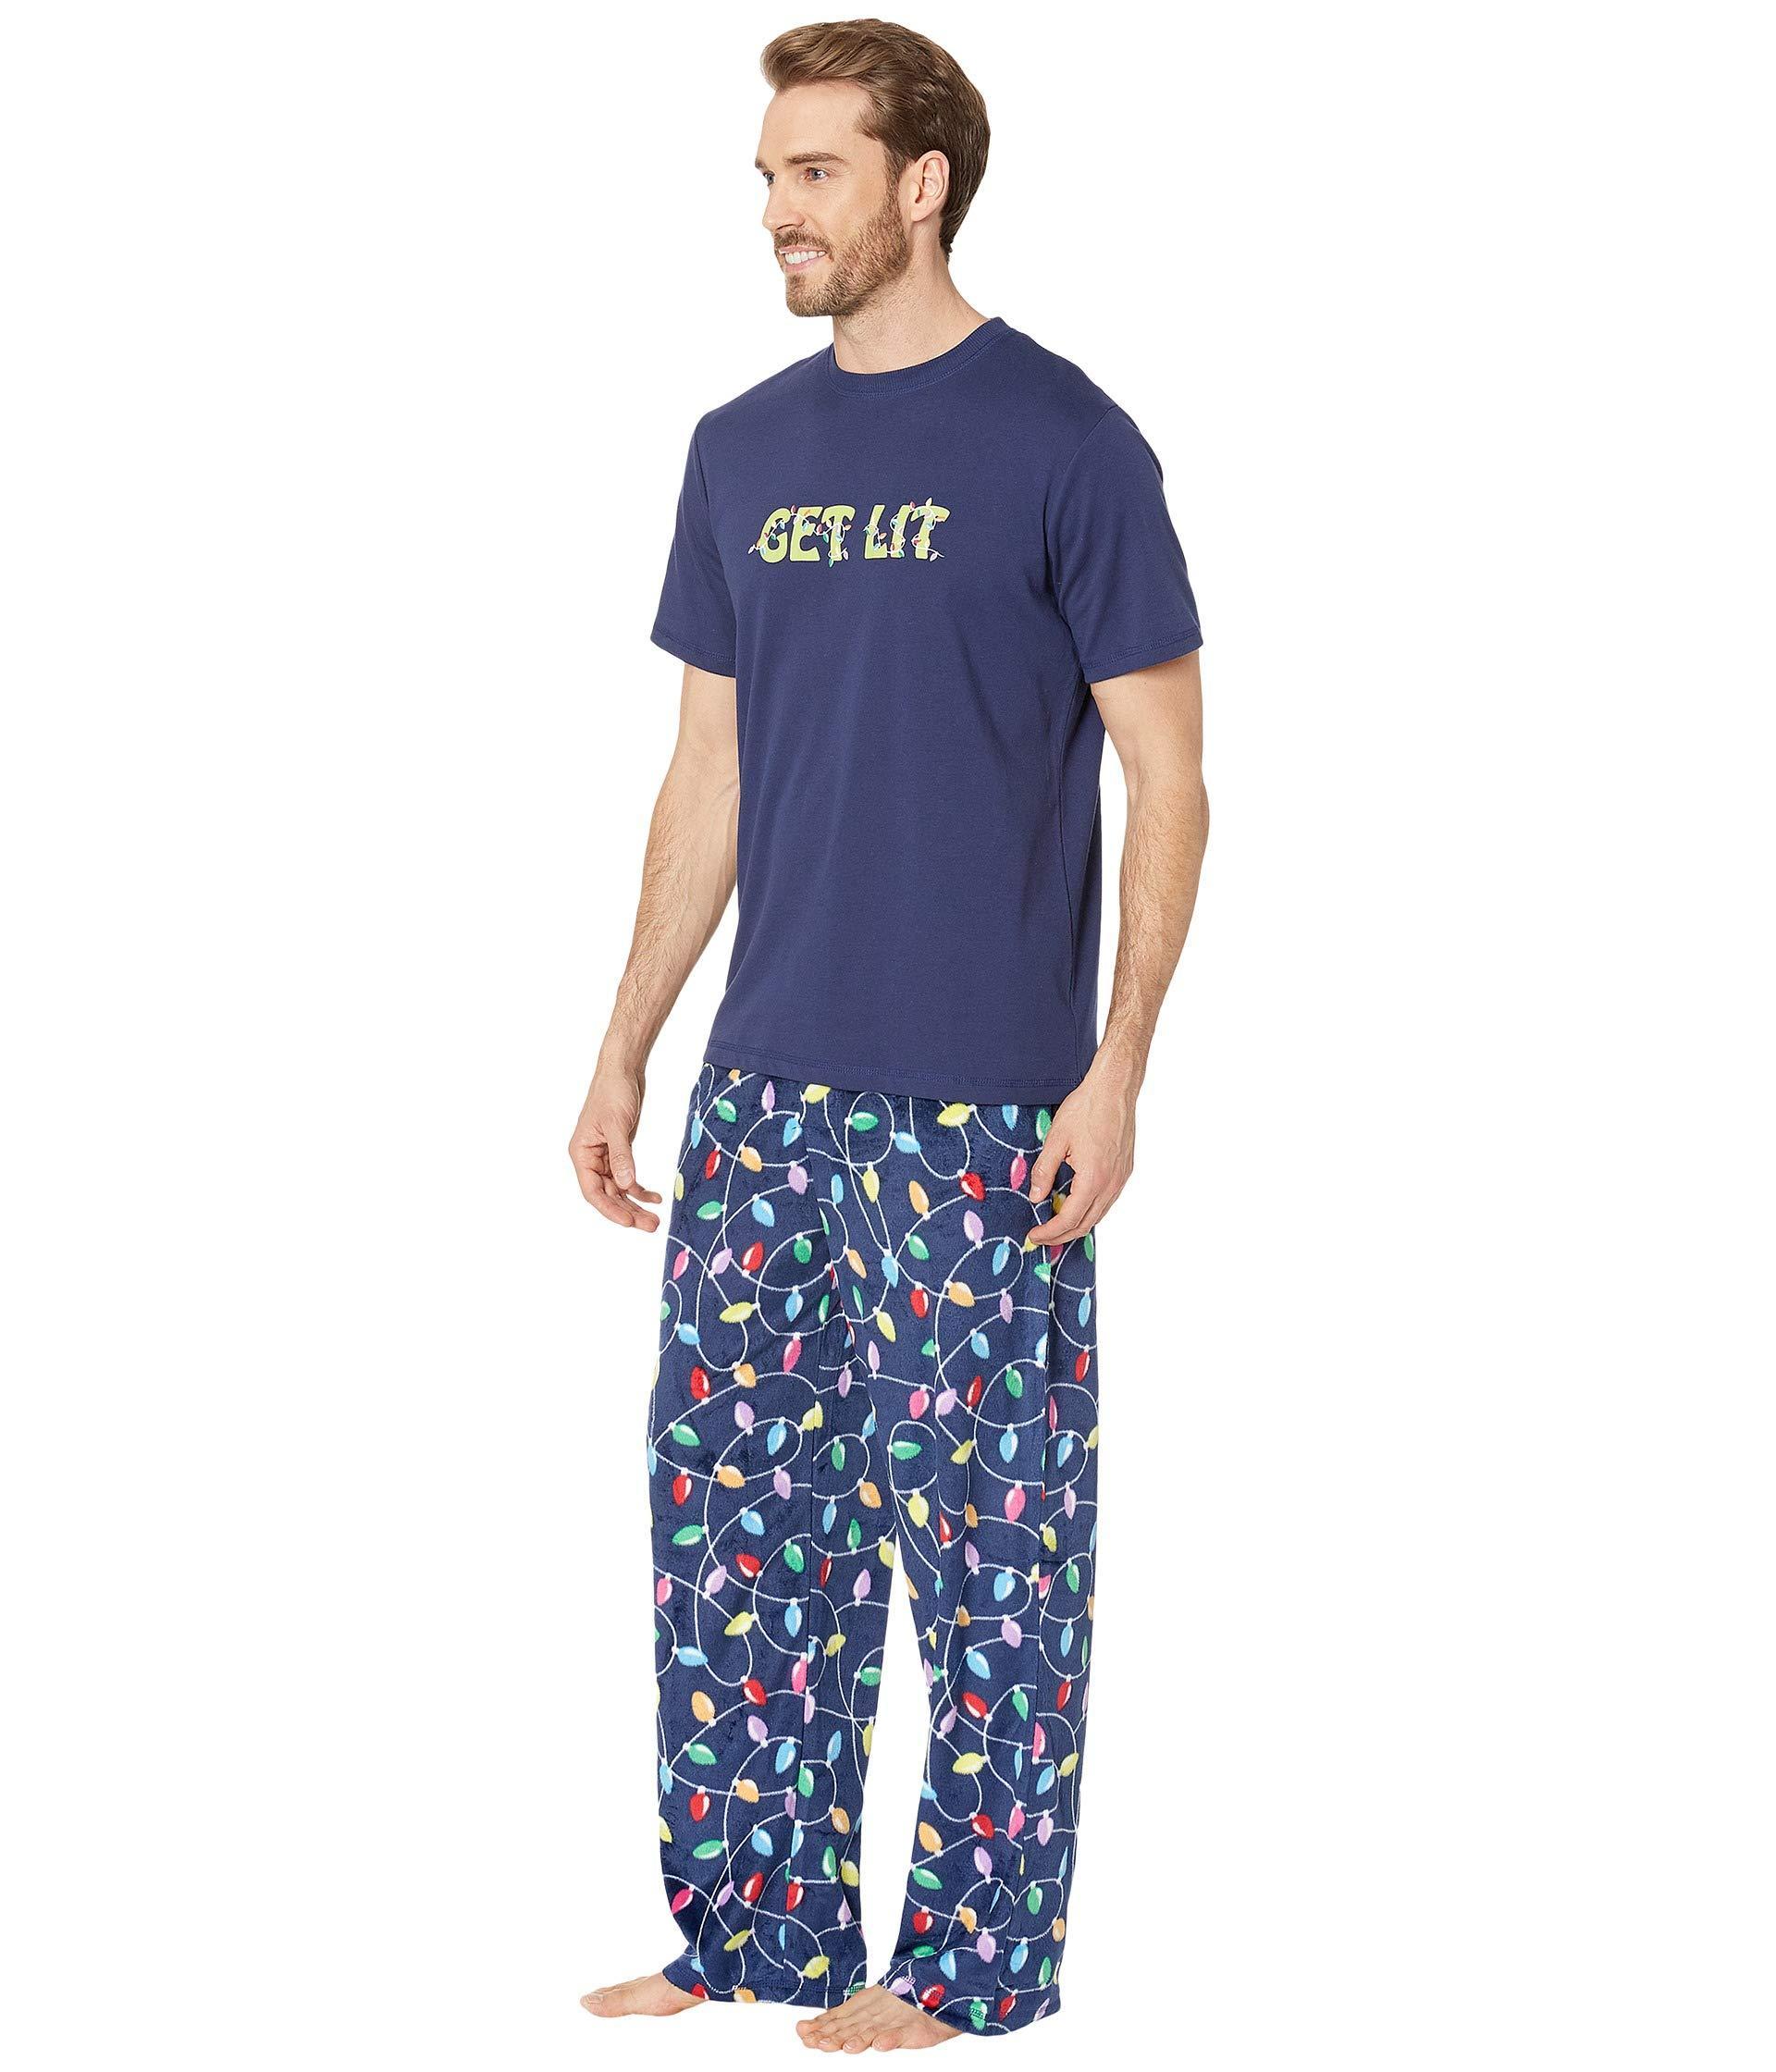 Lyst - Karen Neuburger Get Lit Family Short Sleeve Pj Set in Blue for Men -  Save 44% fe288ffd8